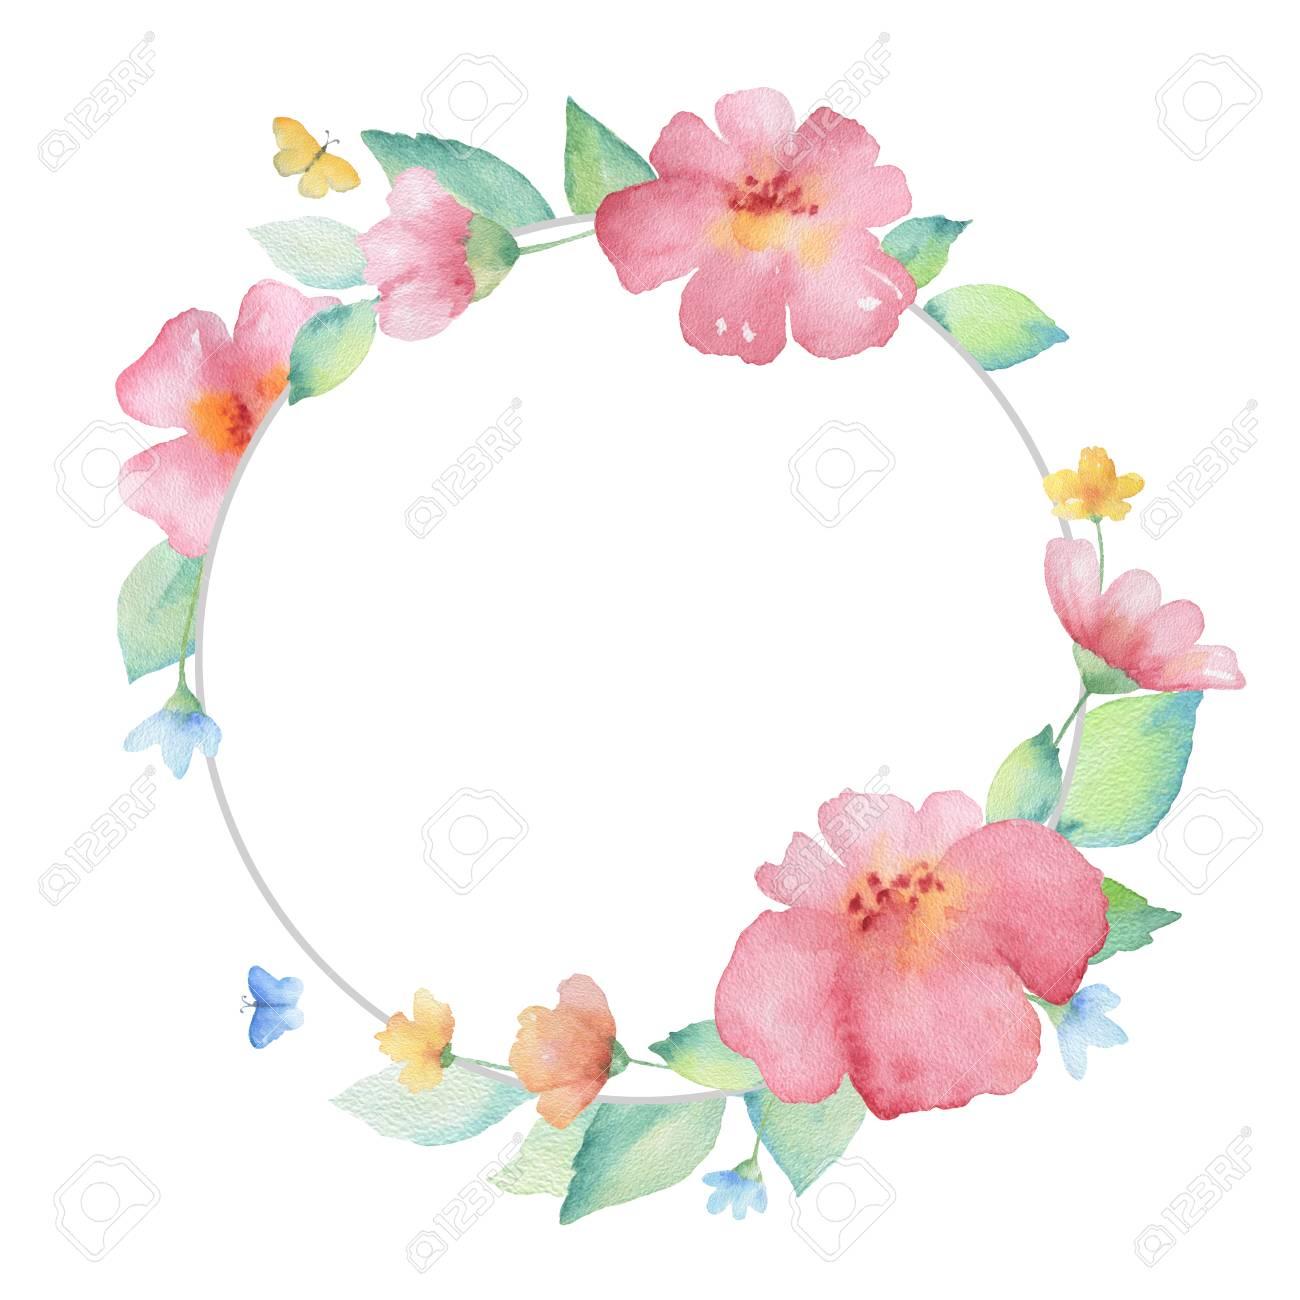 Marco De La Acuarela Ronda De Flores Y Mariposas. Ideal Para ...